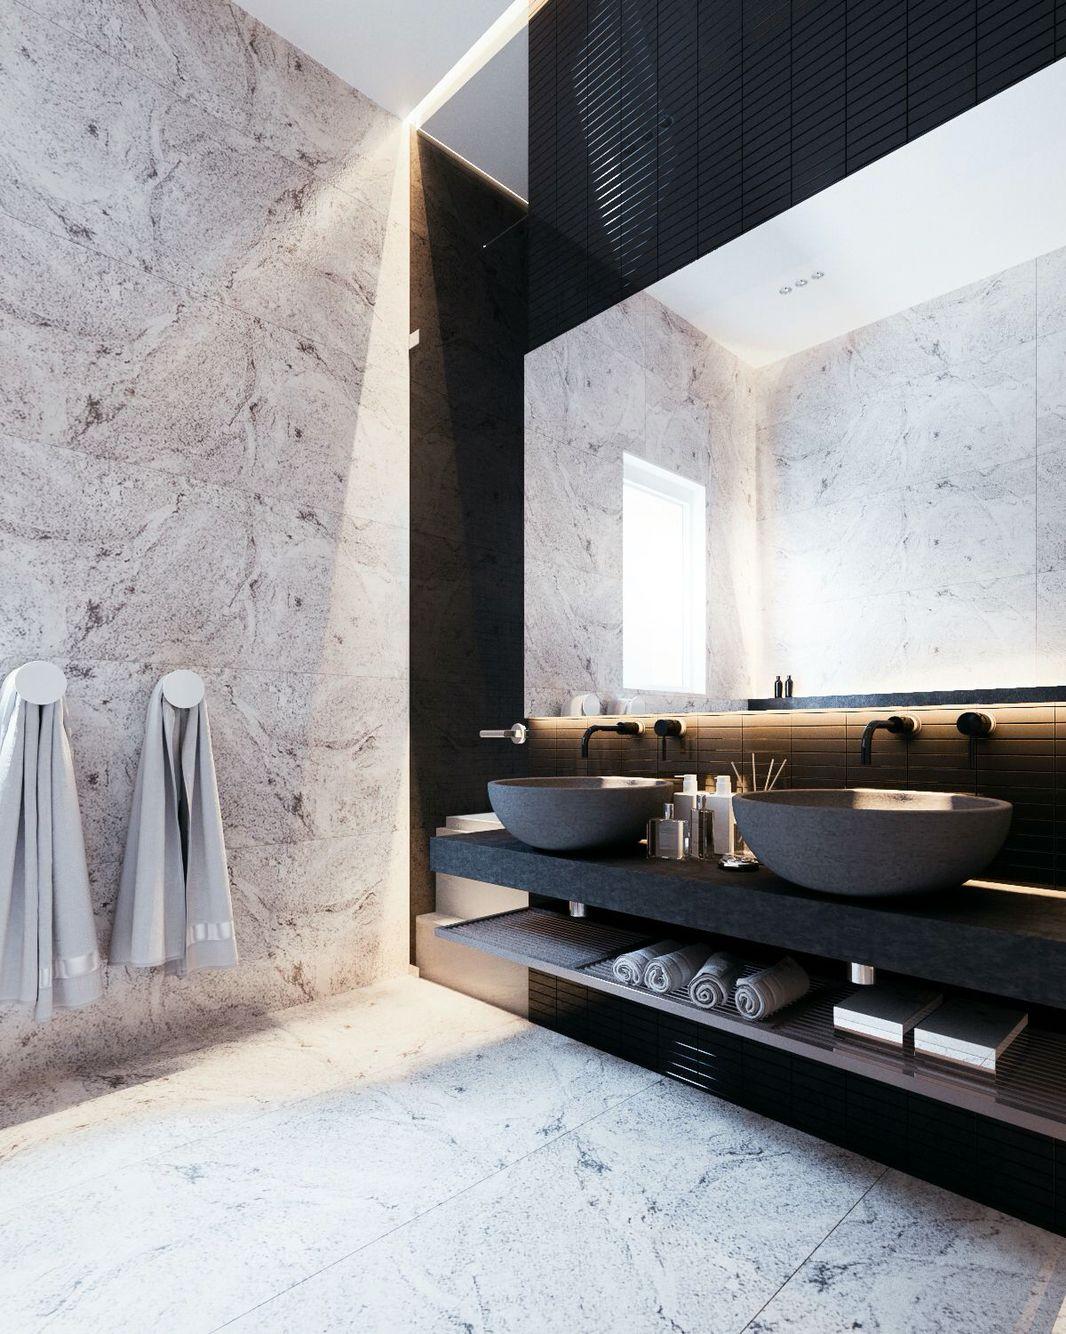 Badezimmer Mit Steinboden Und Wanden Xxl Spiegel Und Partner Waschbecken Haus Interieu Design Badezimmer Innenausstattung Design Fur Zuhause